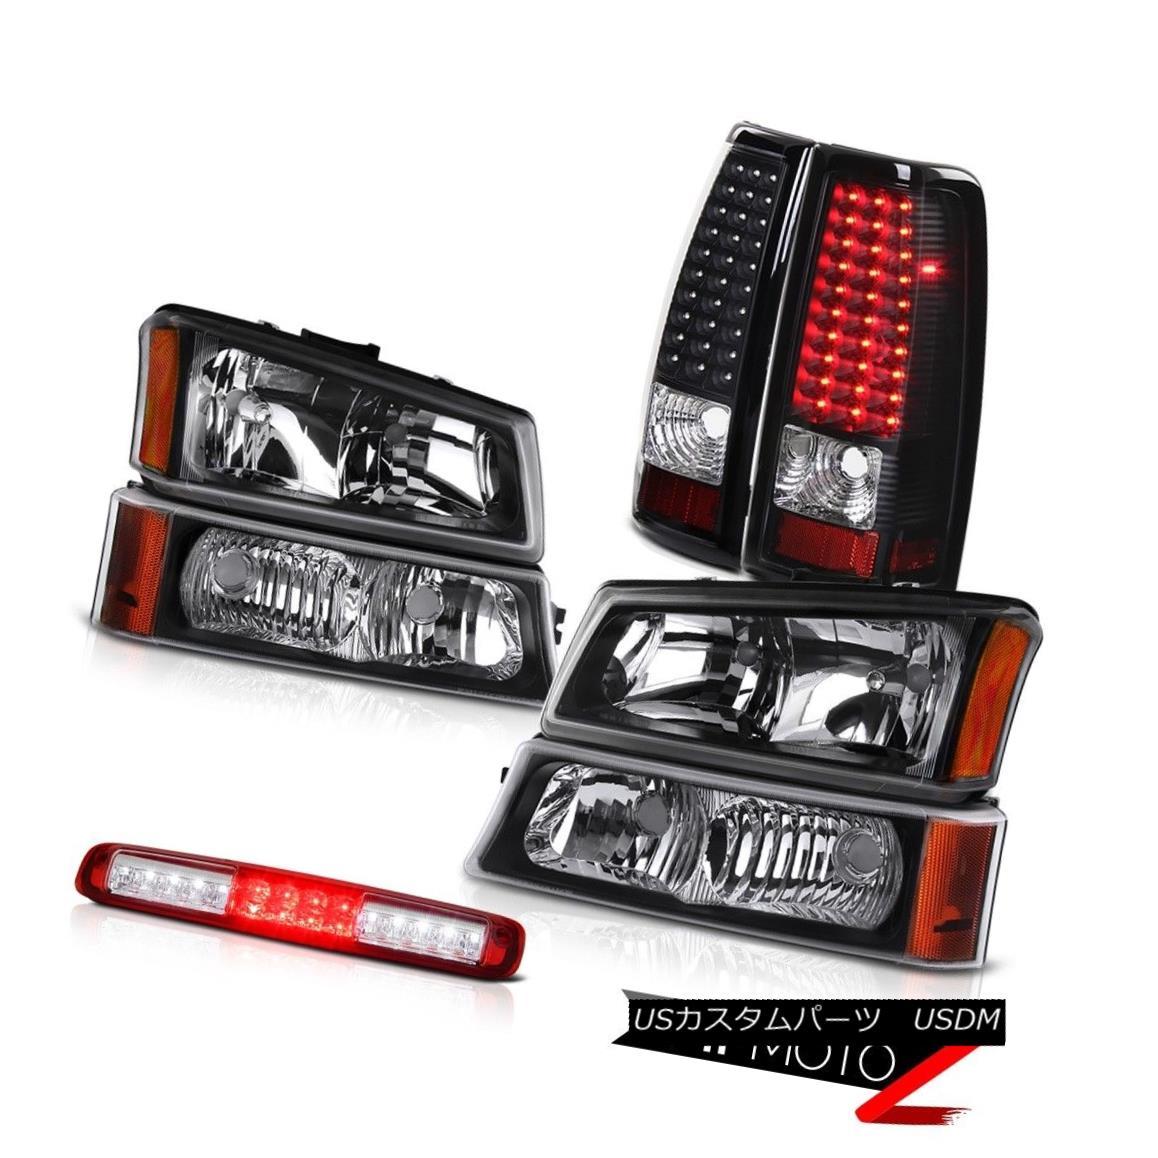 ヘッドライト 03-06 Silverado 3500Hd Signal Light Red Roof Brake Headlamps Tail Lamps LED SMD 03-06 Silverado 3500HdシグナルライトレッドルーフブレーキヘッドランプテールランプLED SMD